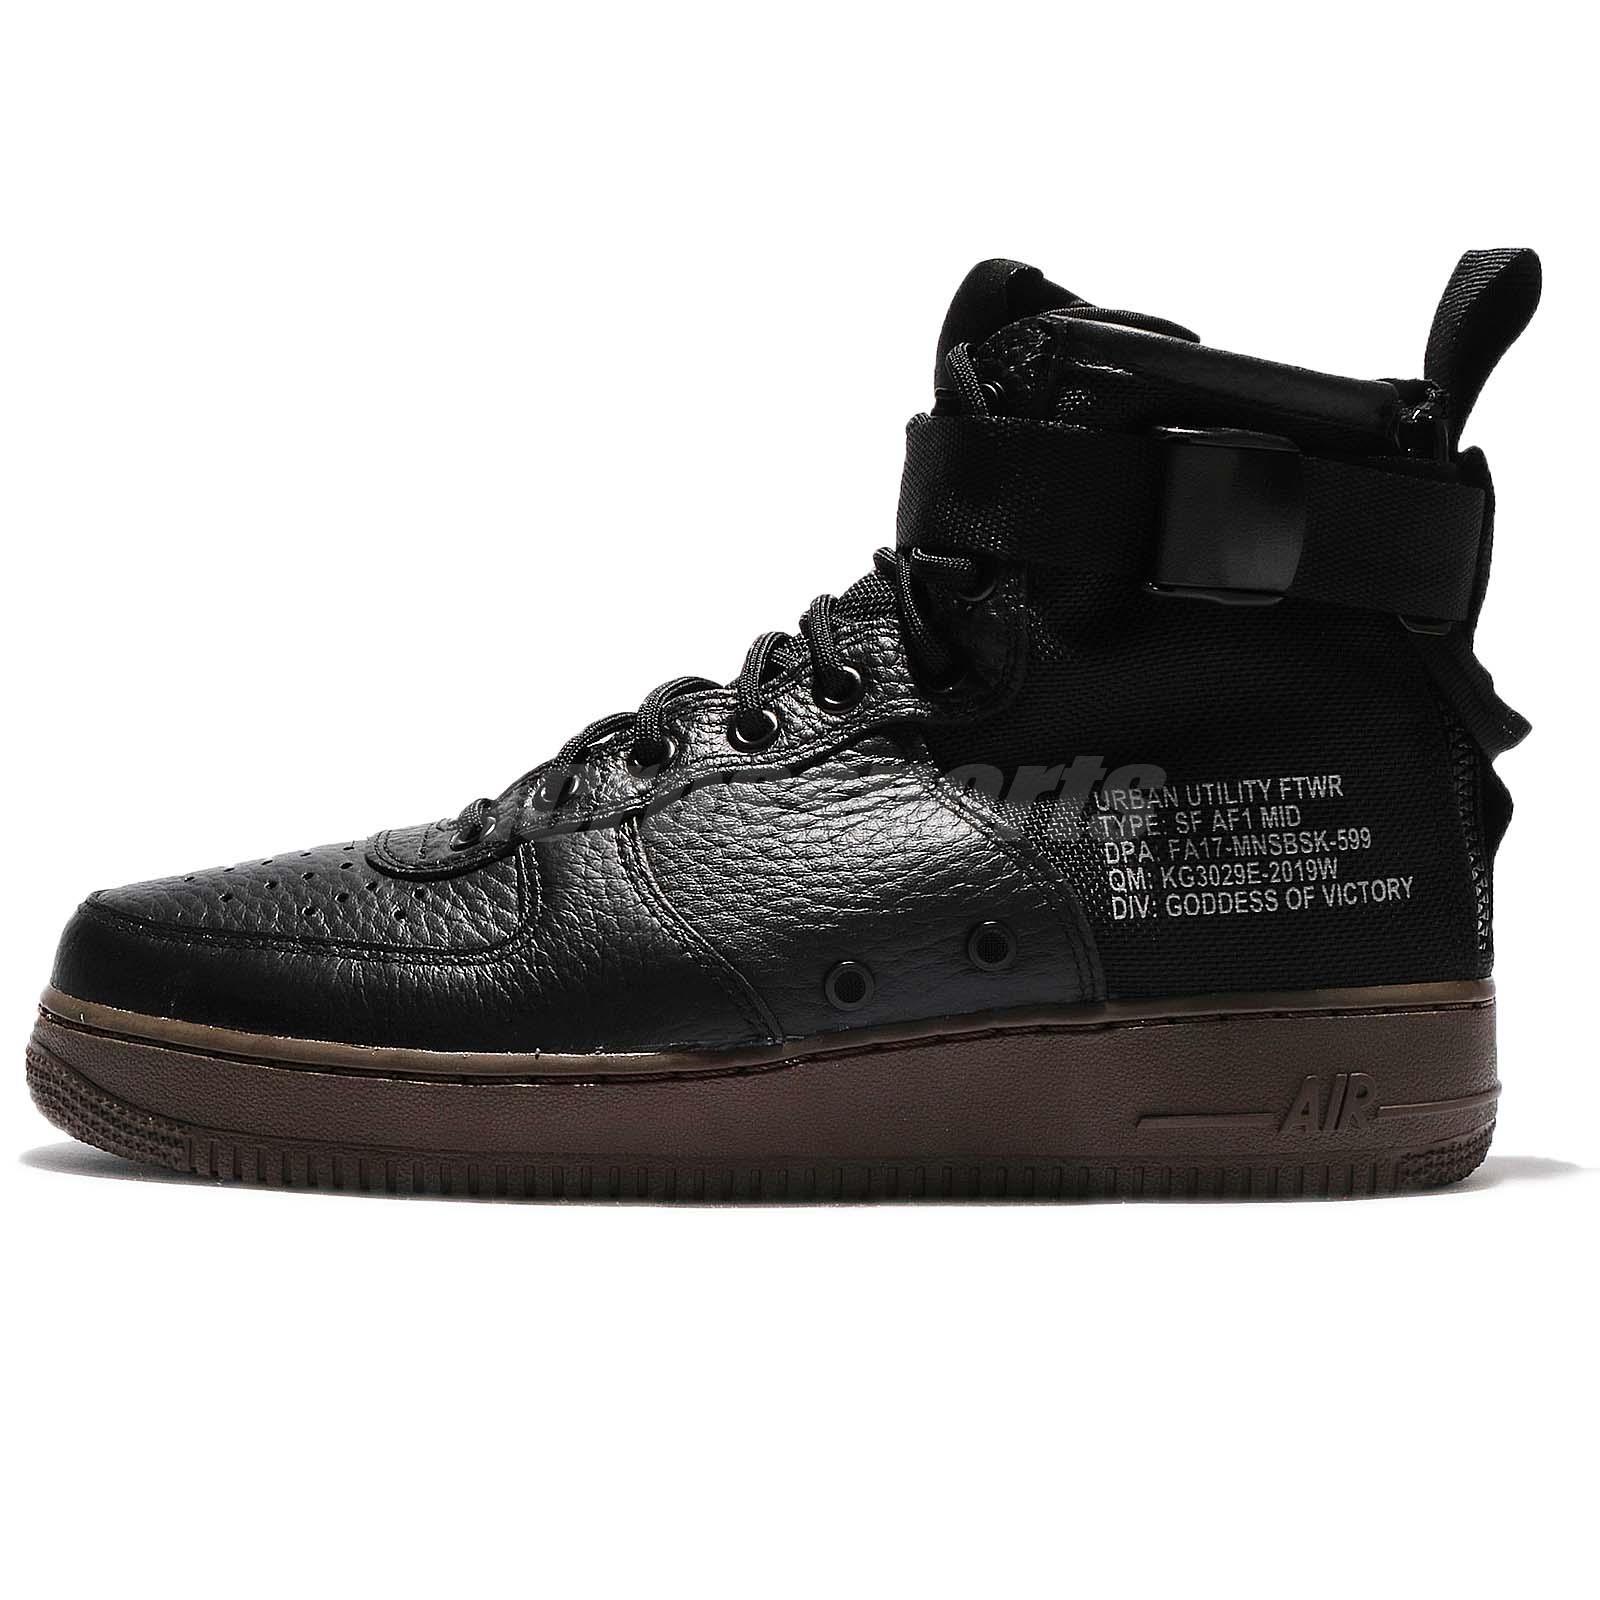 Nike SF AF1 Mid Special Field Air Force 1 Zip Black Dark Hazel Men